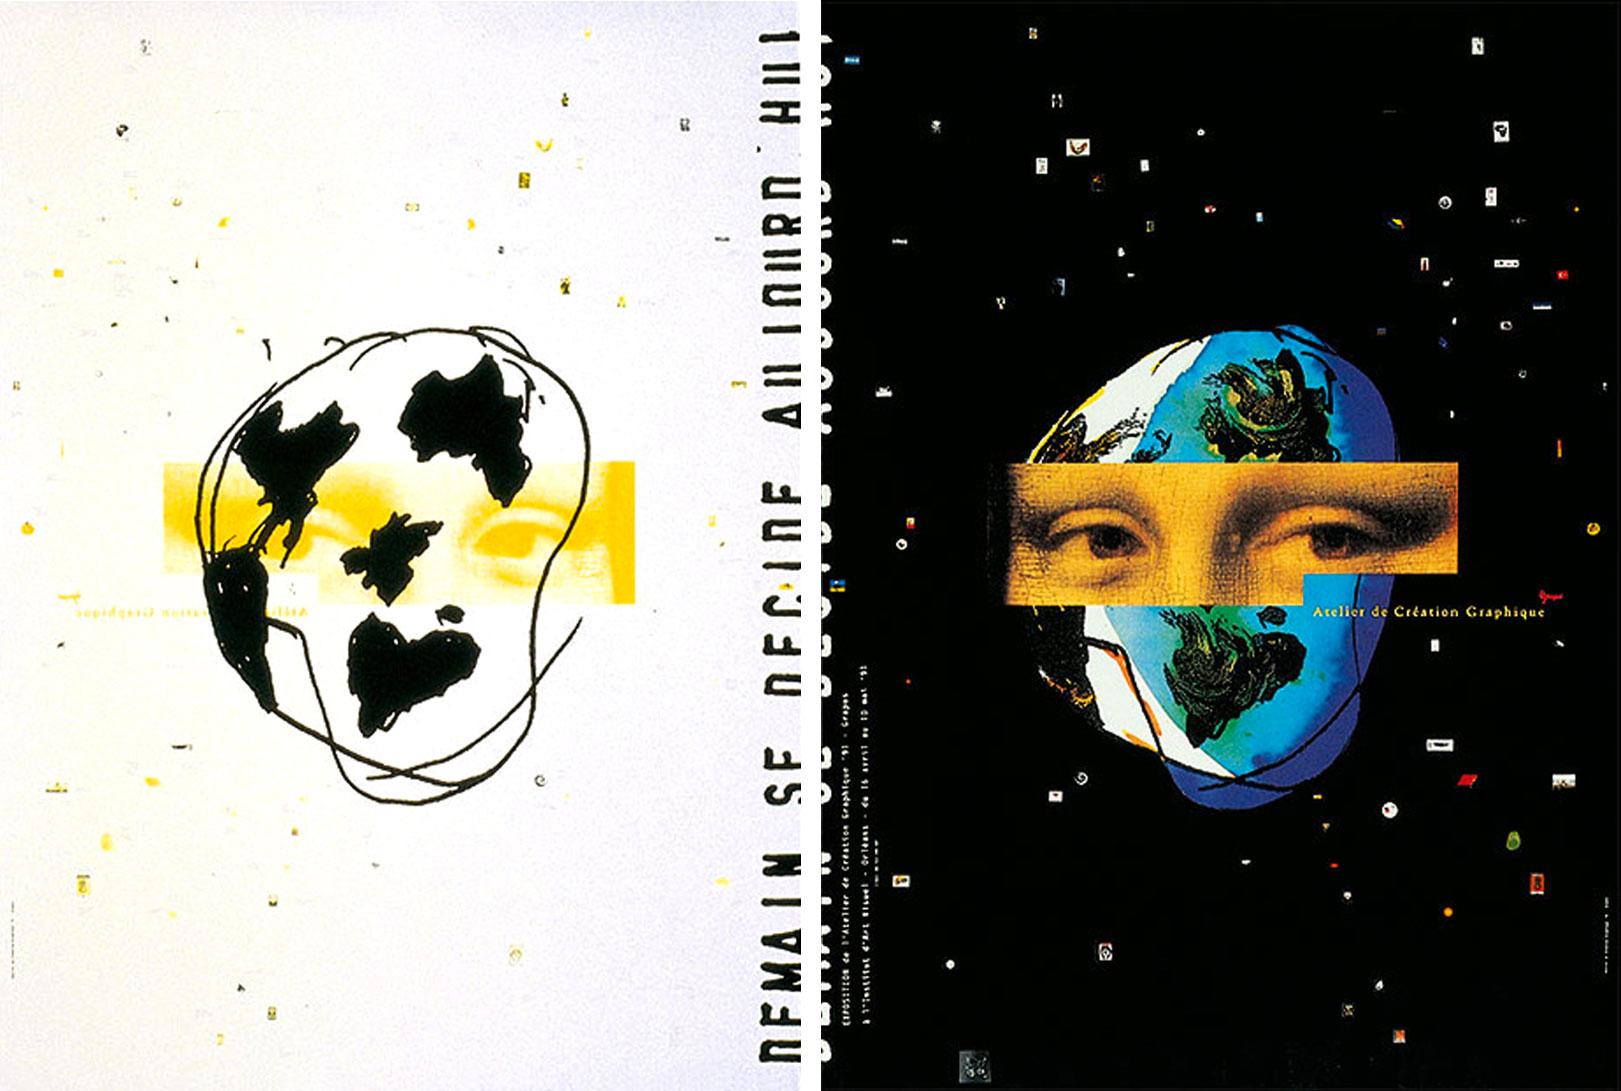 pierre-bernard-graphisme-atelier-de-creation-graphique-affiche-exposition